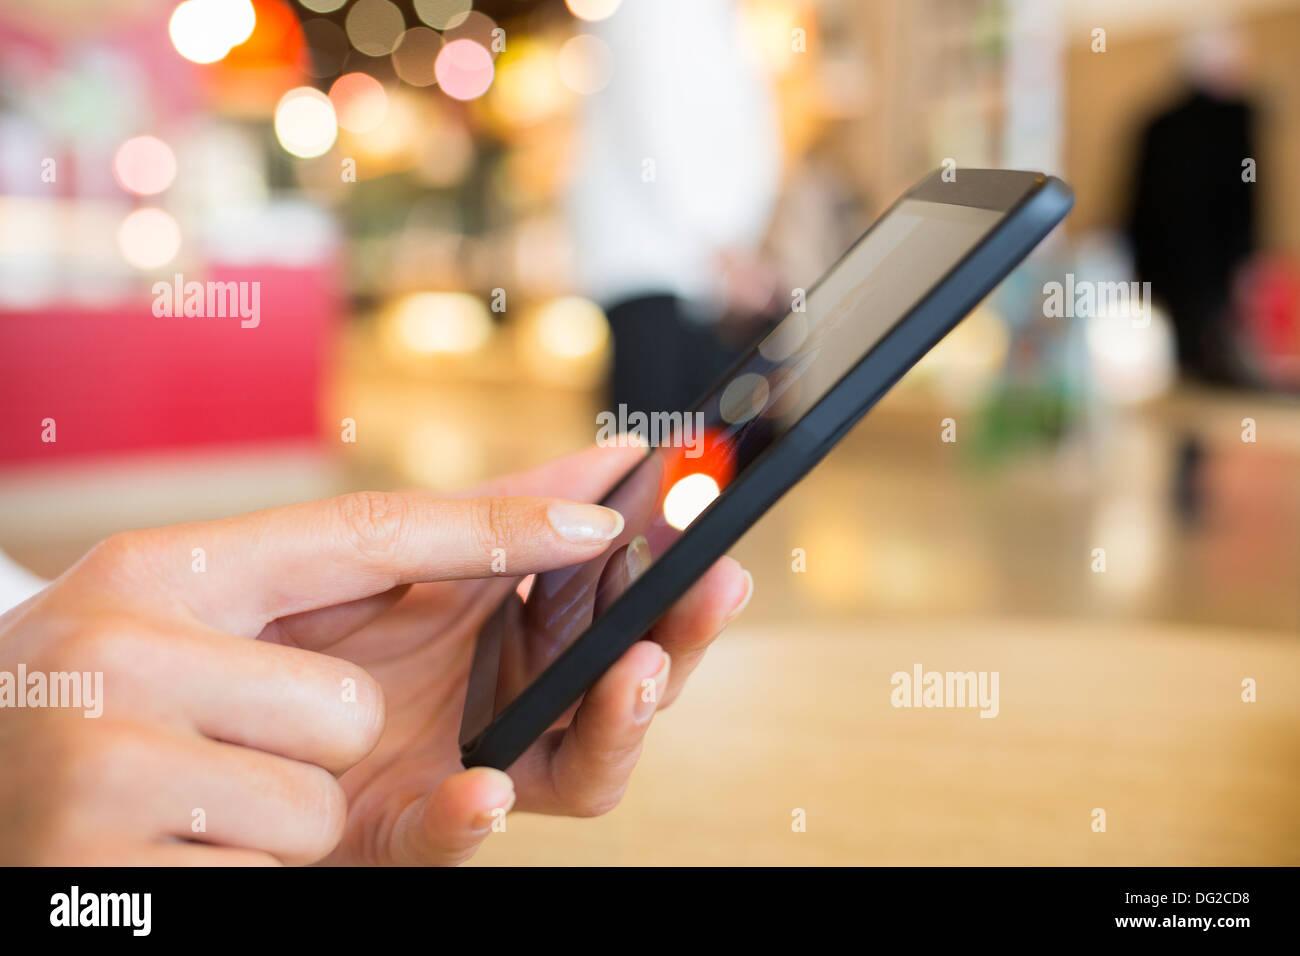 La femelle téléphone mobile sms message voyage Photo Stock